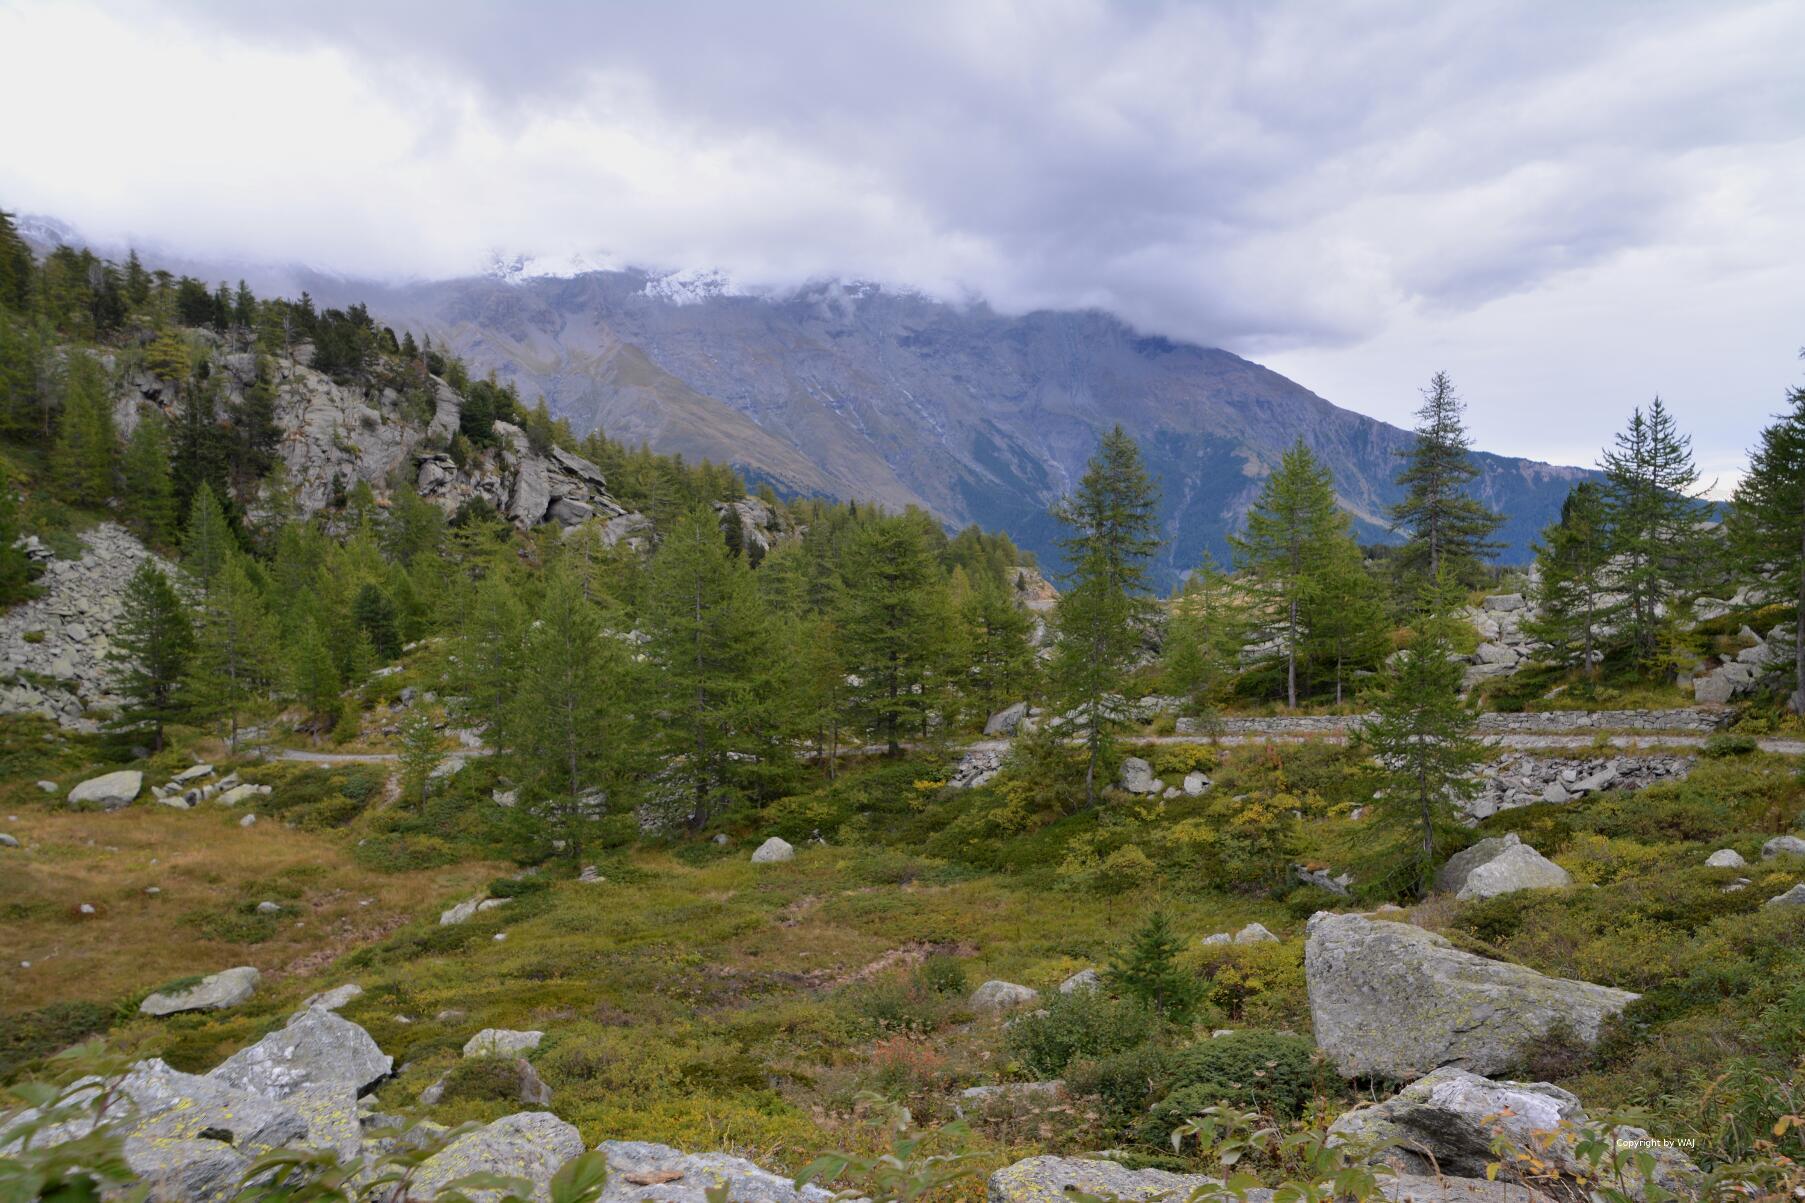 Landschaft, die die Fantasie anregt!